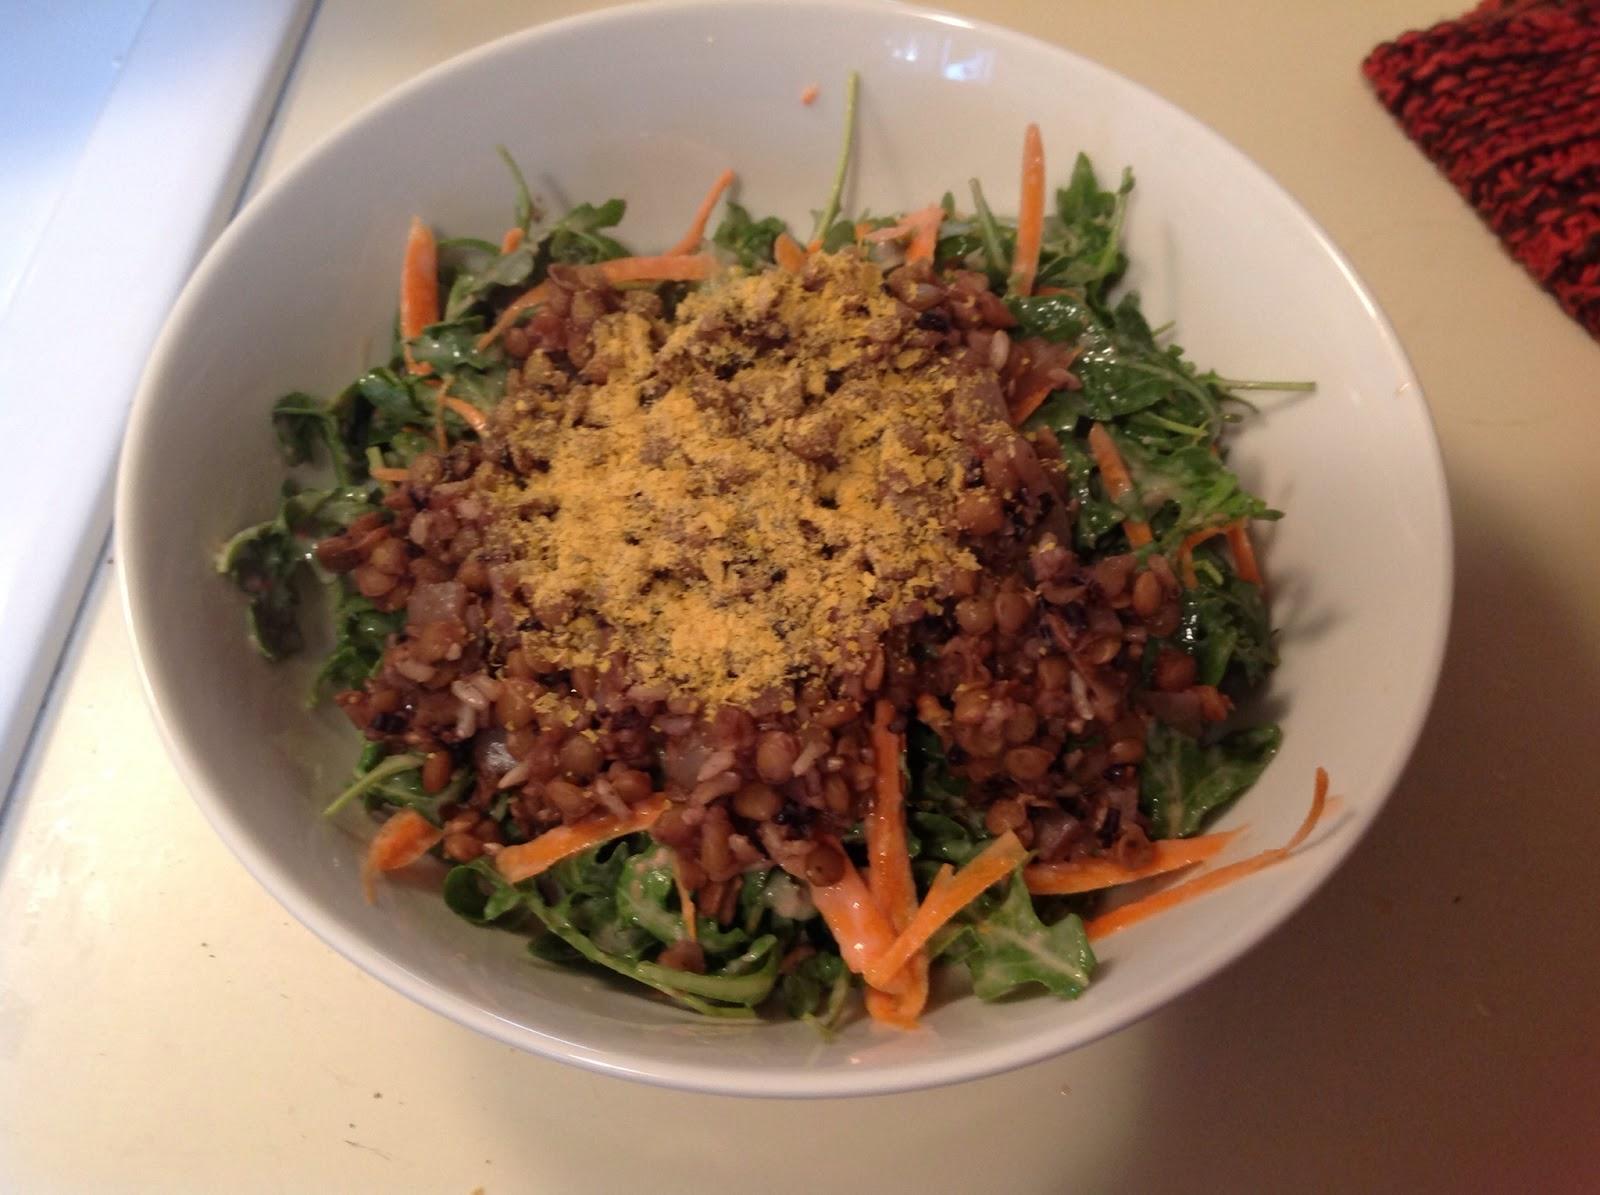 Amy's Nutritarian Kitchen: Dr. Fuhrman's Warm Lentil Salad